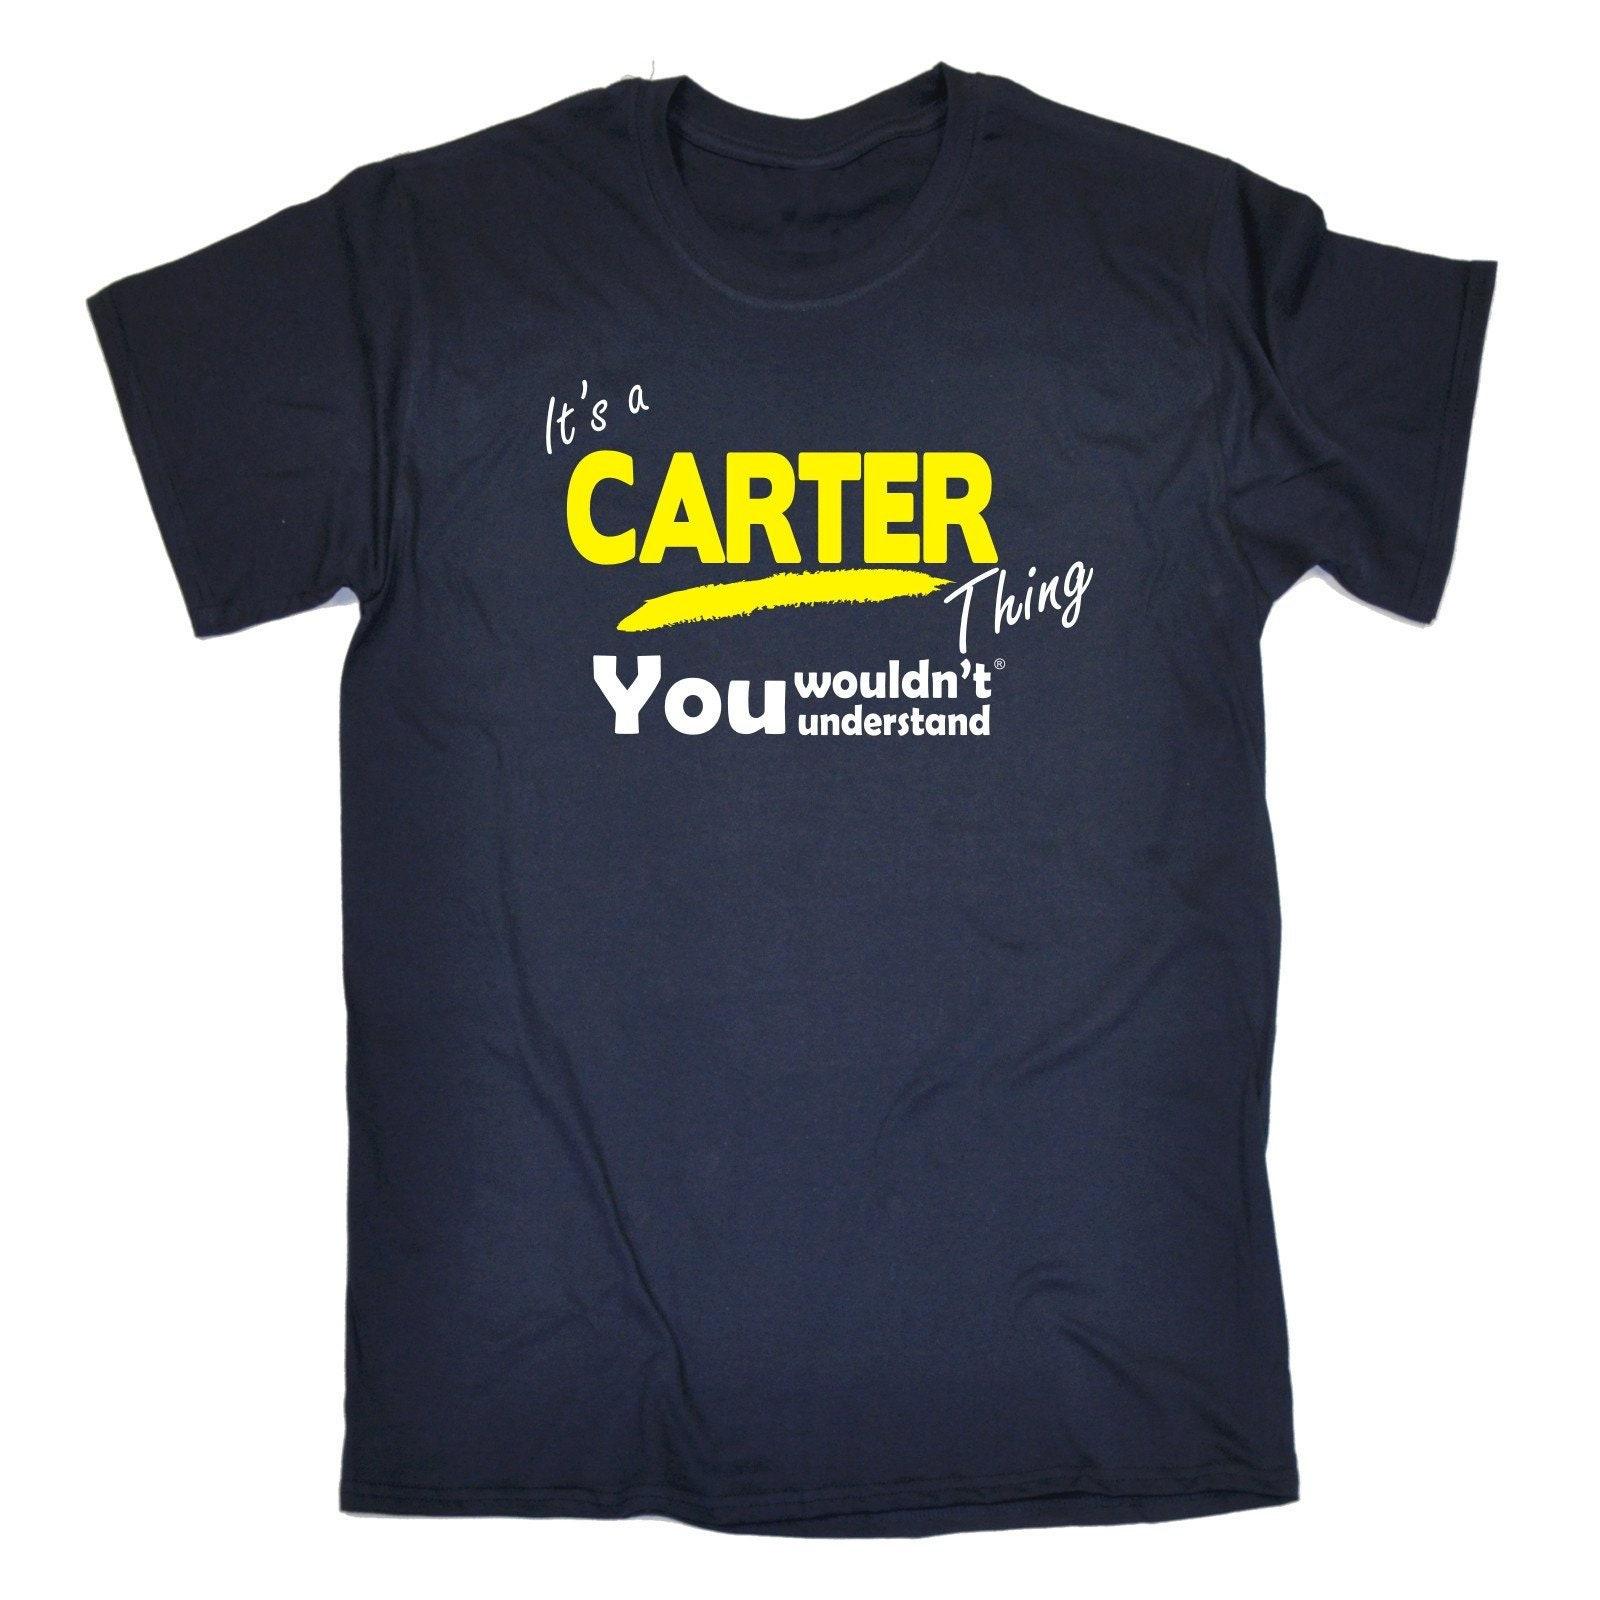 123t des hommes c'est une chose de ne Carter que vous ne de comprenez nom drôle T-Shirt Tee Tshirt T Shirts nouveauté drôle d'anniversaire cadeau Christm présent 401d9b